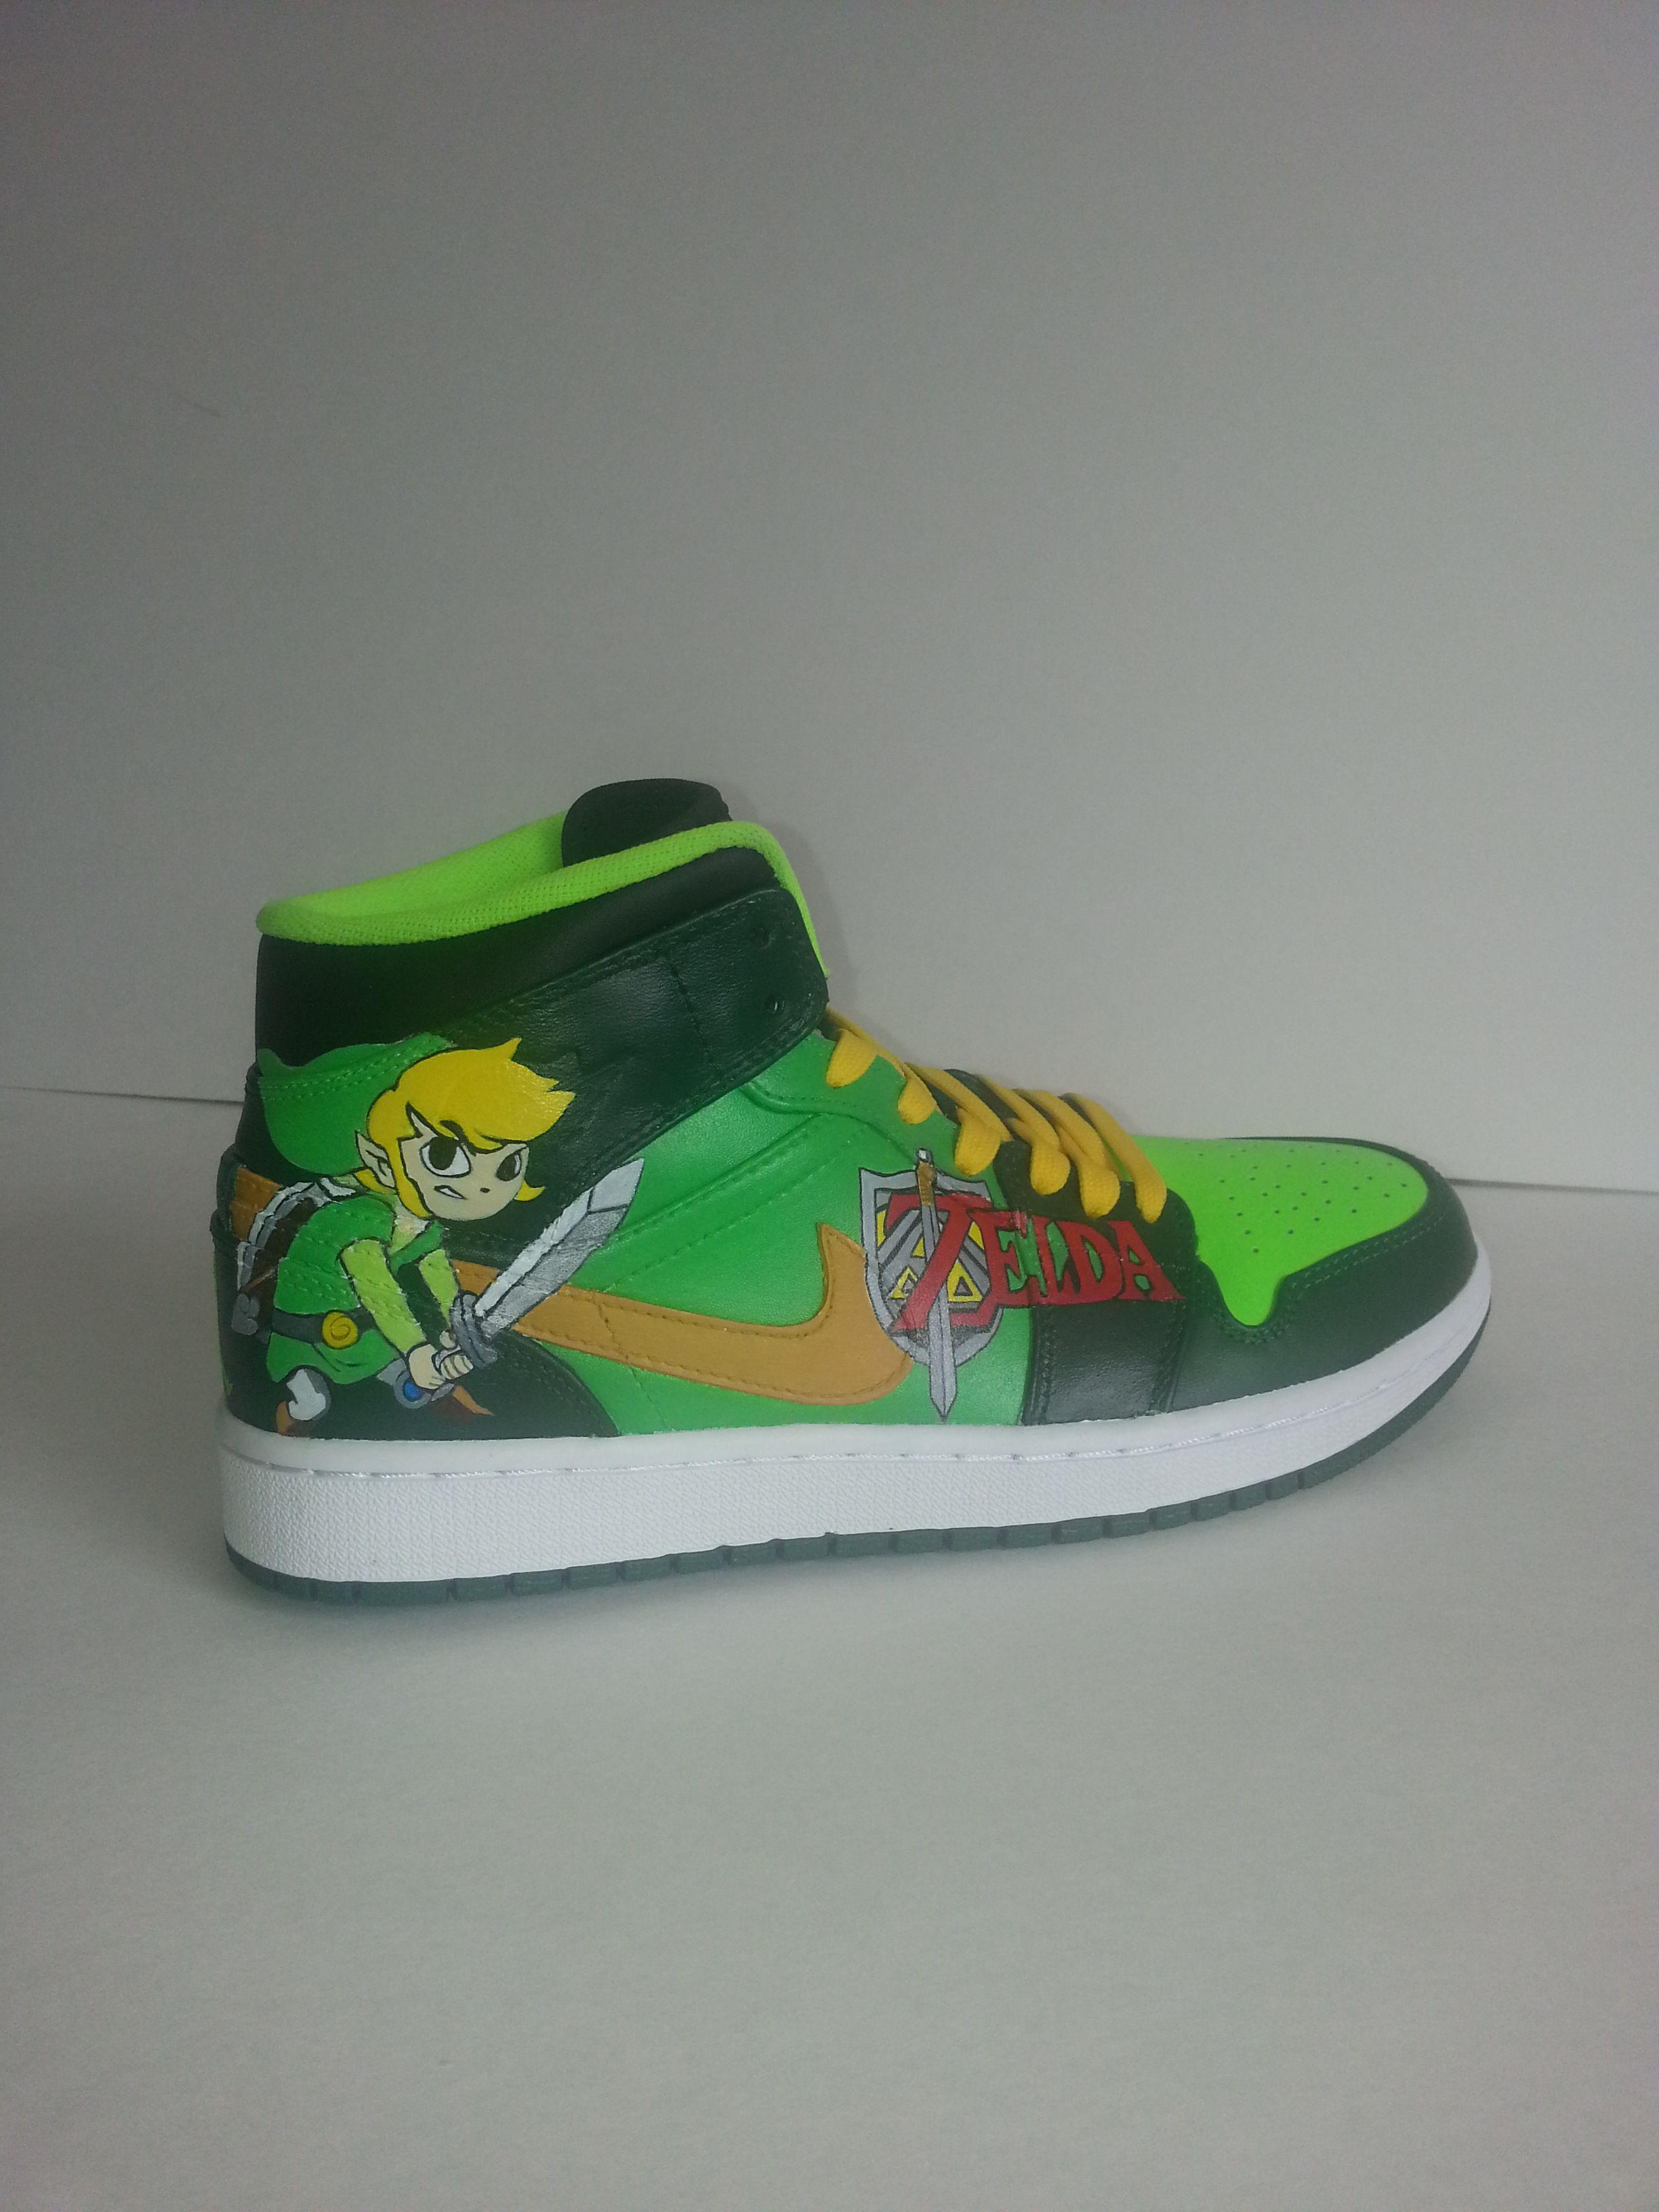 Legend of Zelda Jordans